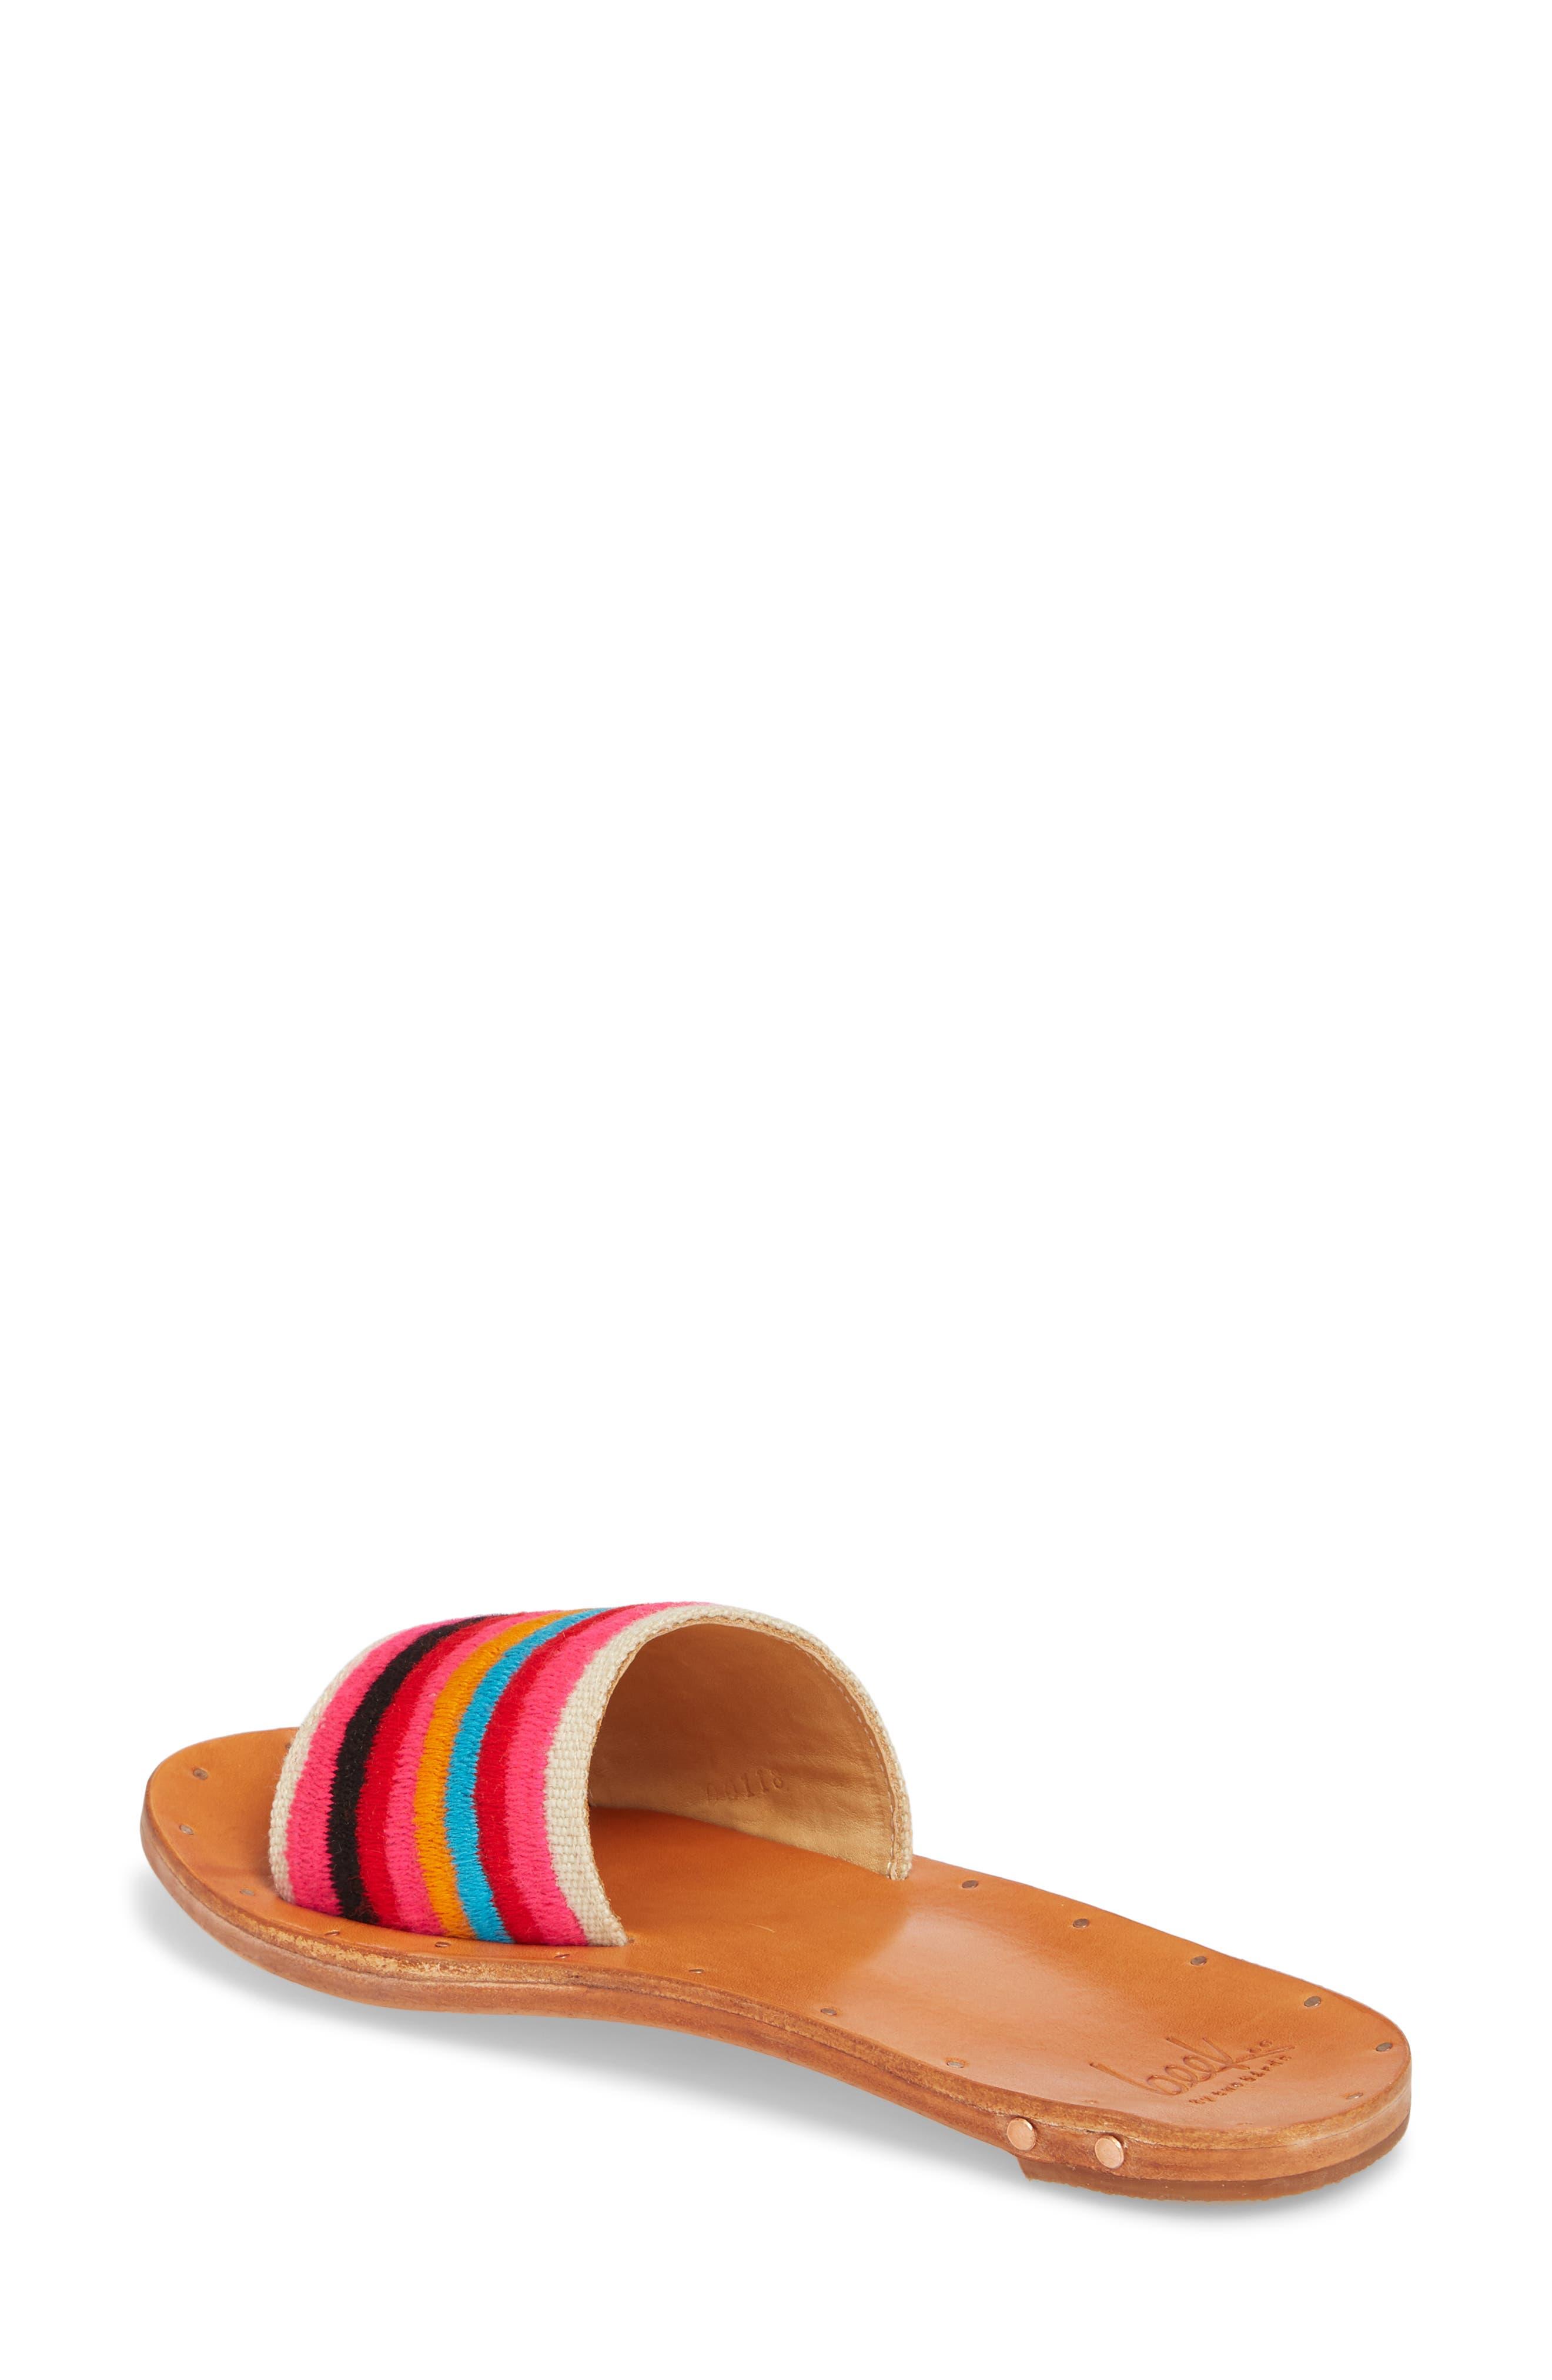 Lovebird Embroidered Slide Sandal,                             Alternate thumbnail 2, color,                             Multi/ Tan